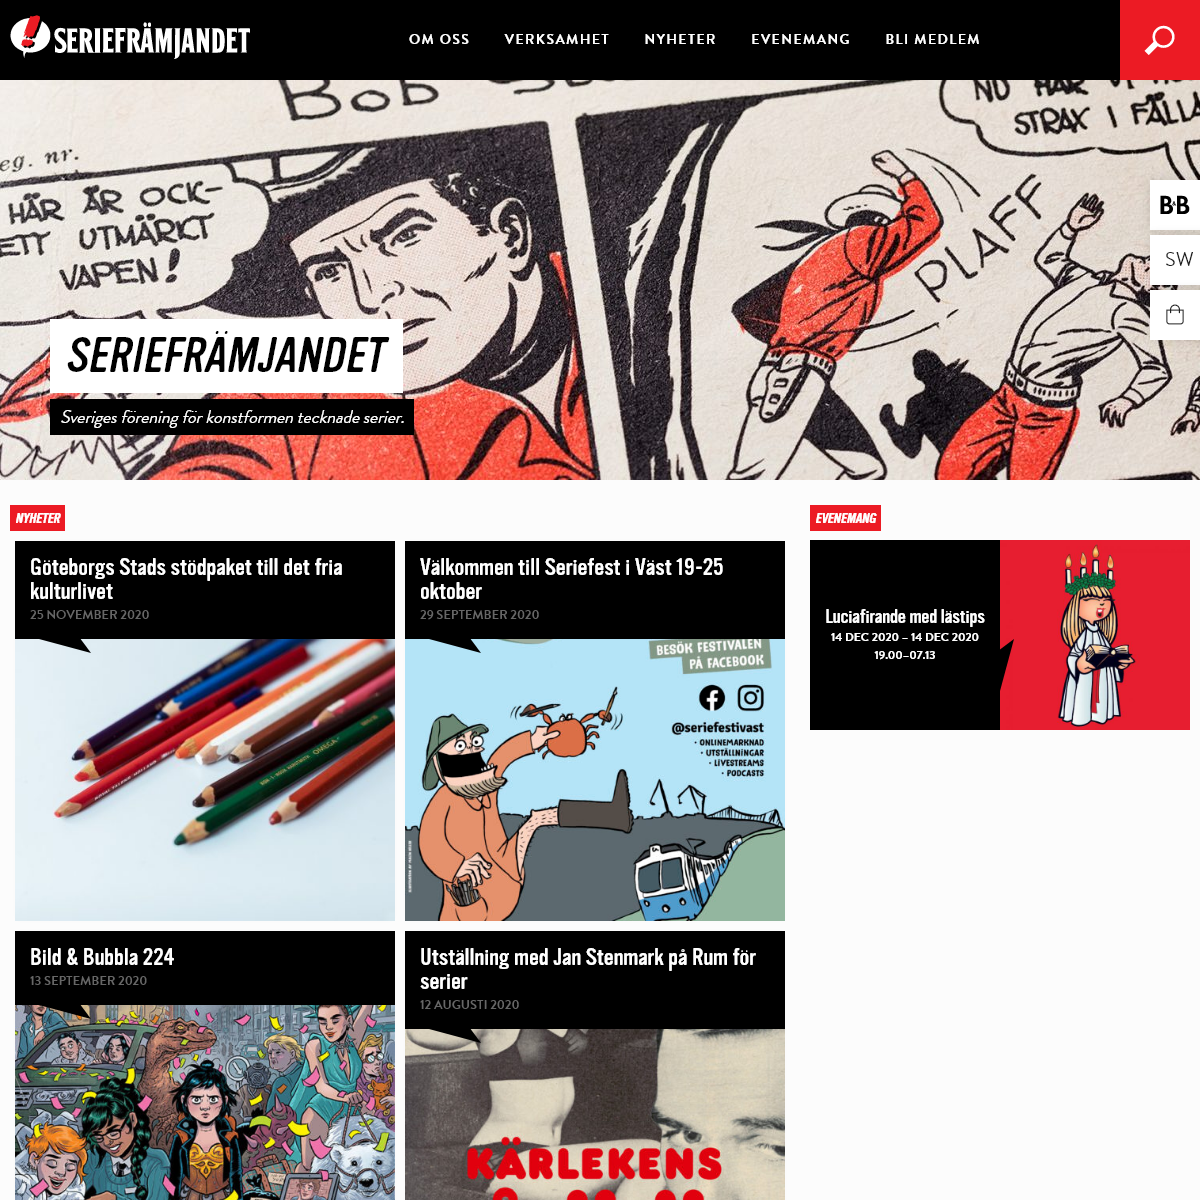 Seriefrämjandet – Sveriges företrädare för tecknade serier